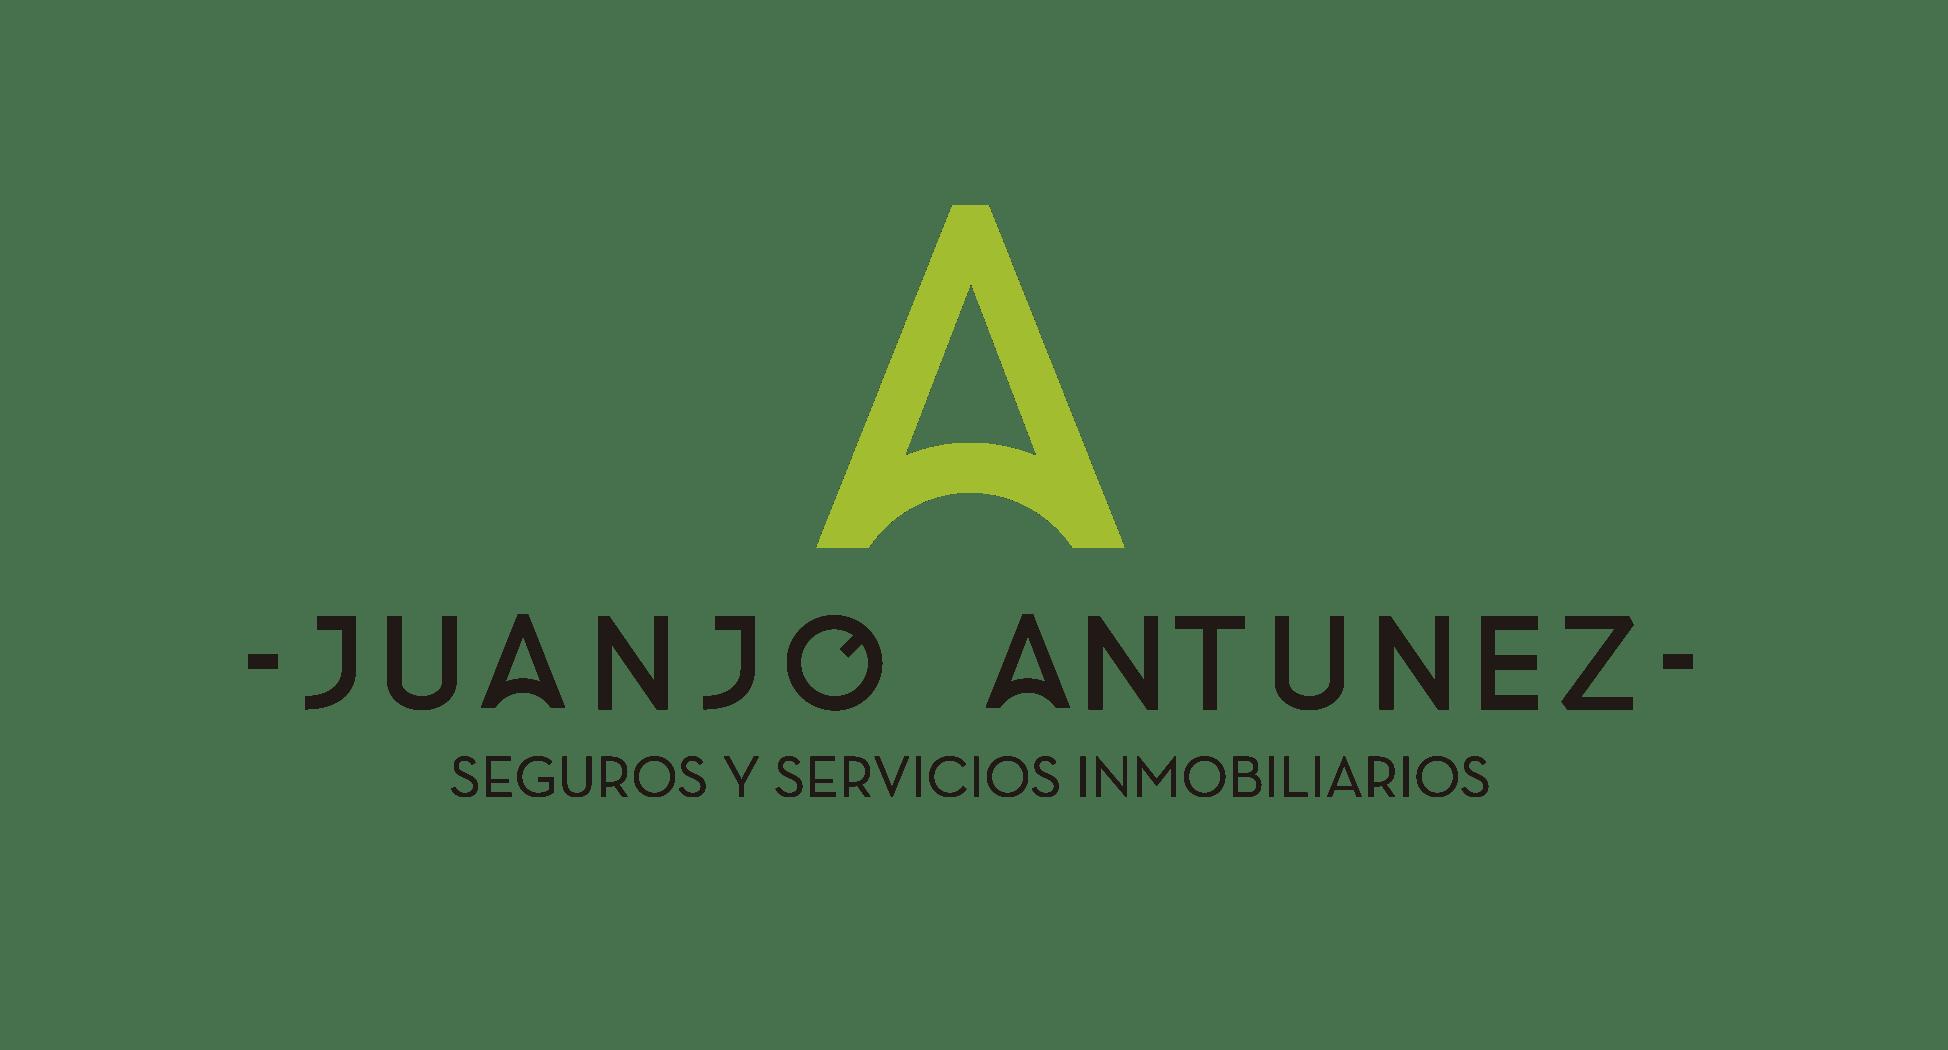 TASACIONES INMOBILIARIAS Y SERVICIOS ANTUNEZ